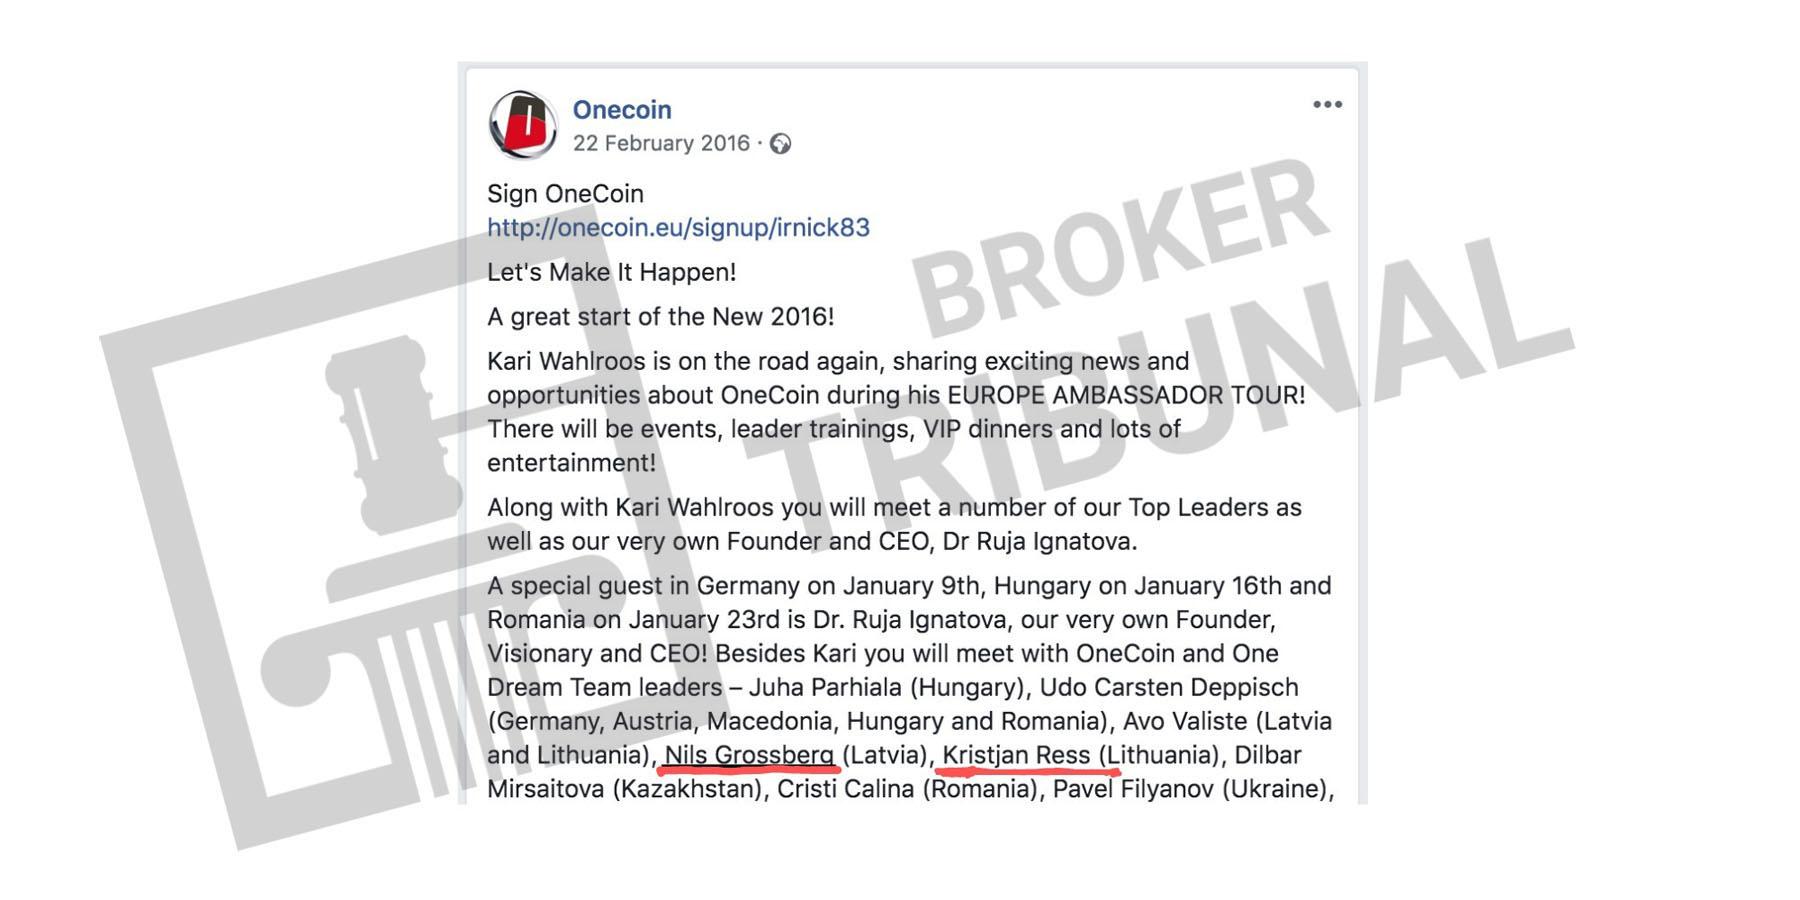 Создатели Фабрики успеха были знакомы в период работы в OneCoin